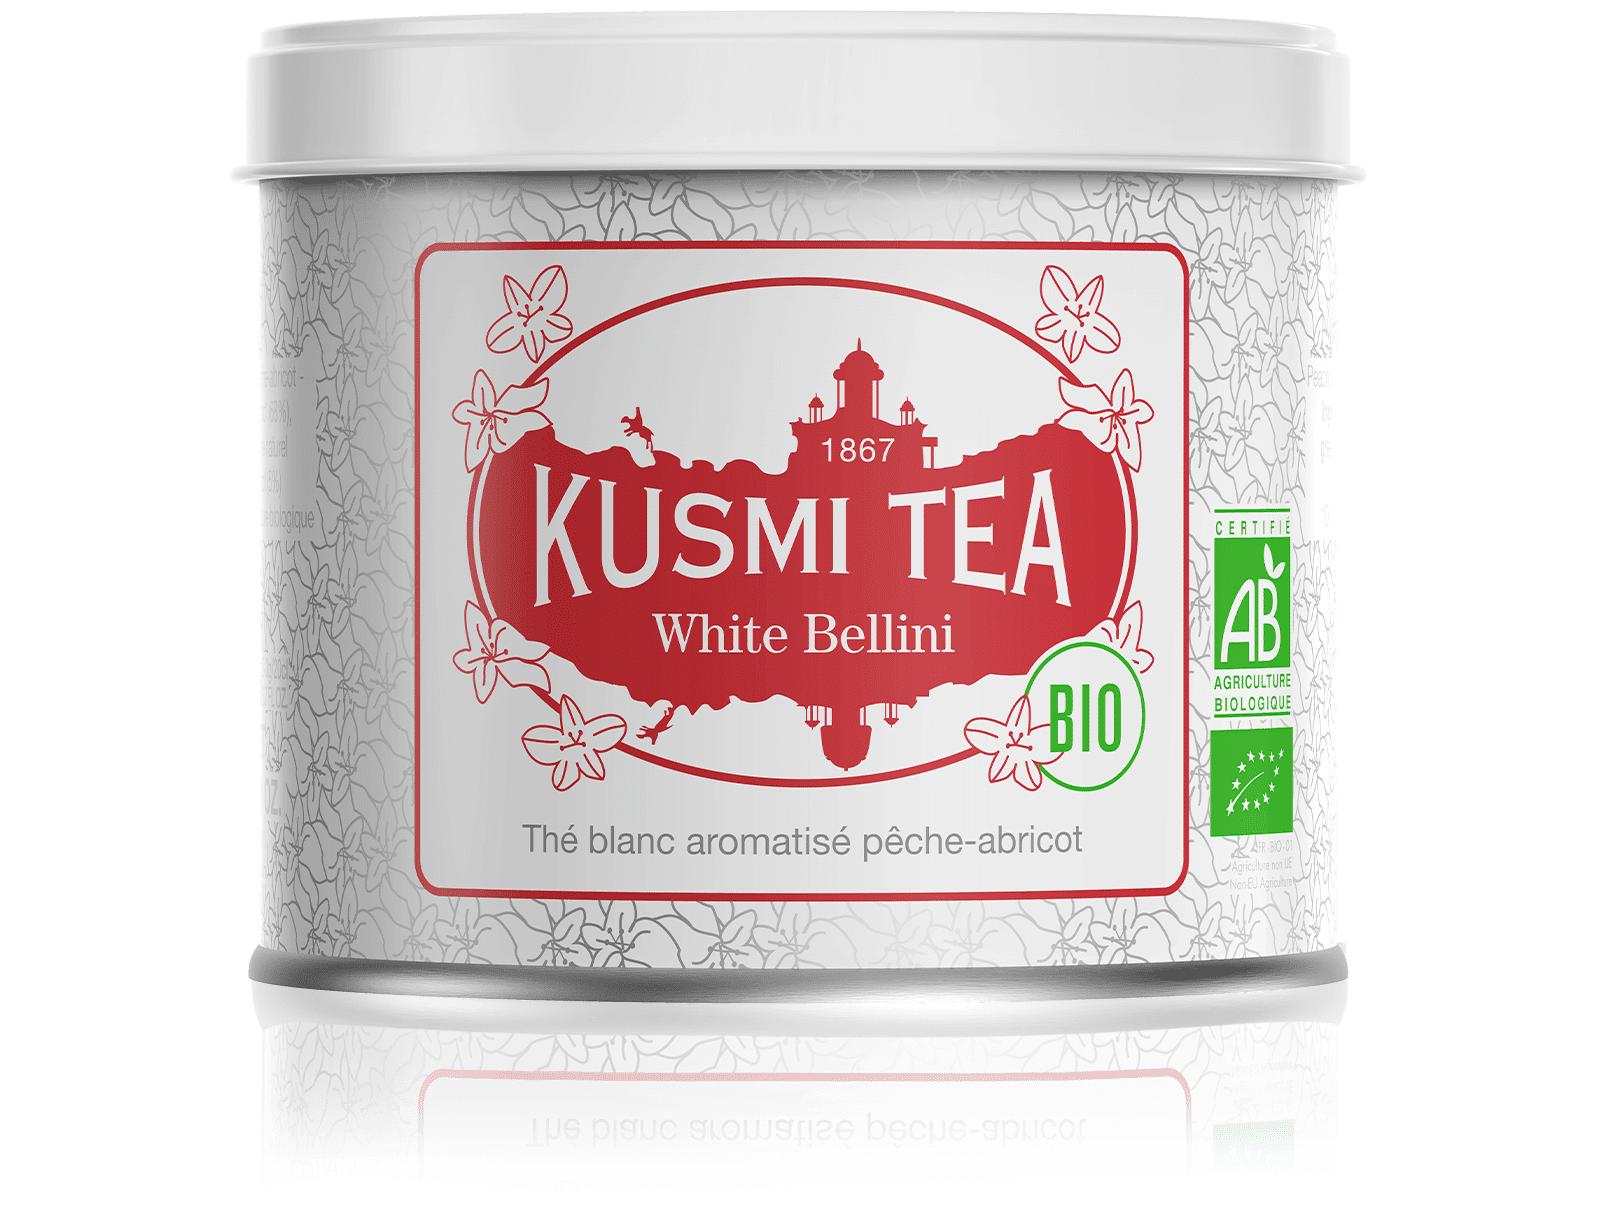 KUSMI TEA White Bellini bio - Thé blanc aromatisé pêche-abricot - Kusmi Tea